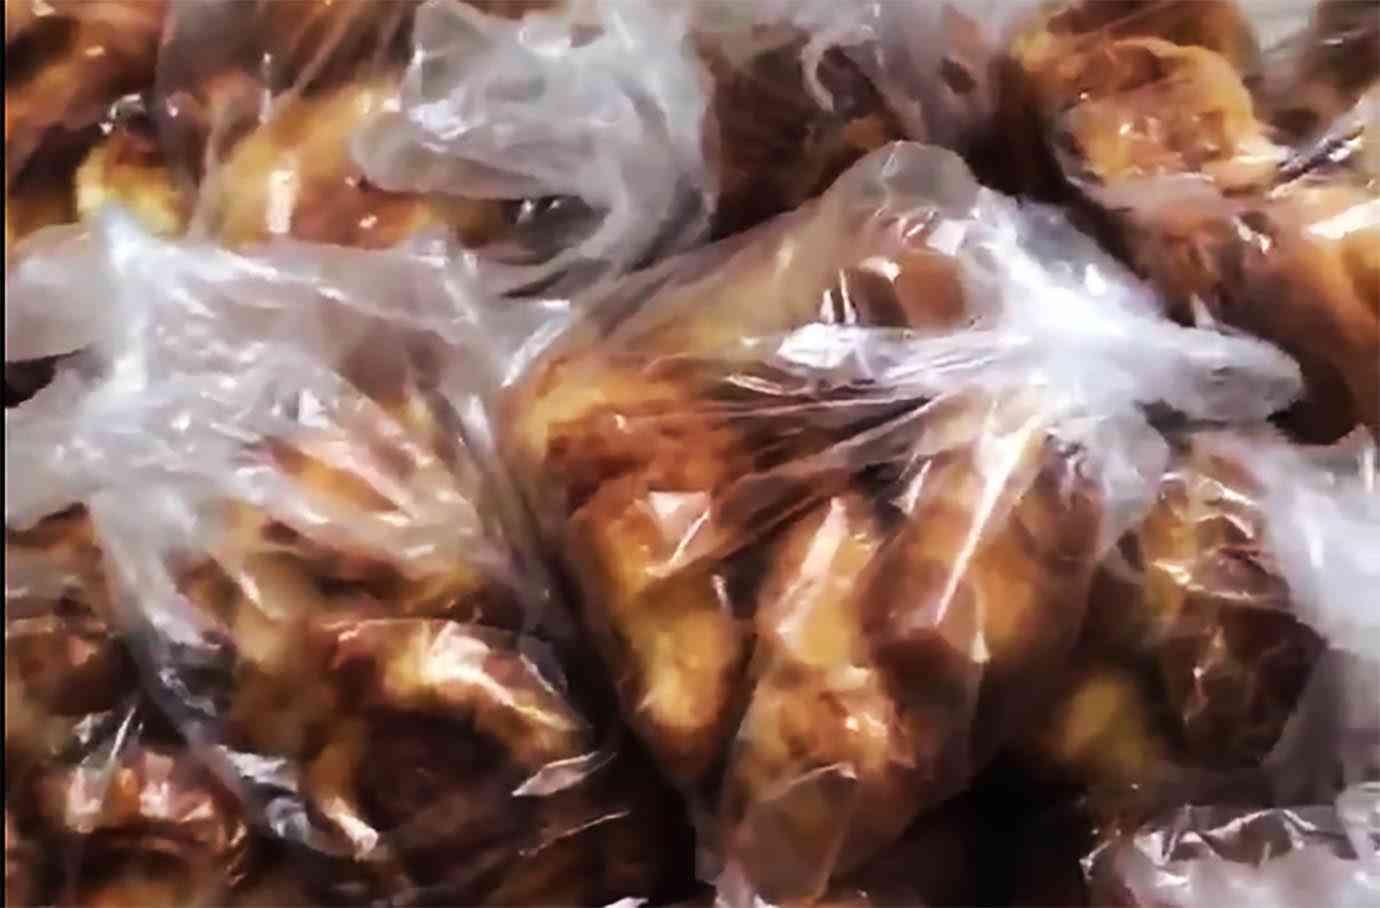 【衝撃】寝ぼけてパン屋にクロワッサン400個を注文した男性 / 責任を取り400個2万円で購入 | バズプラスニュース Buzz+